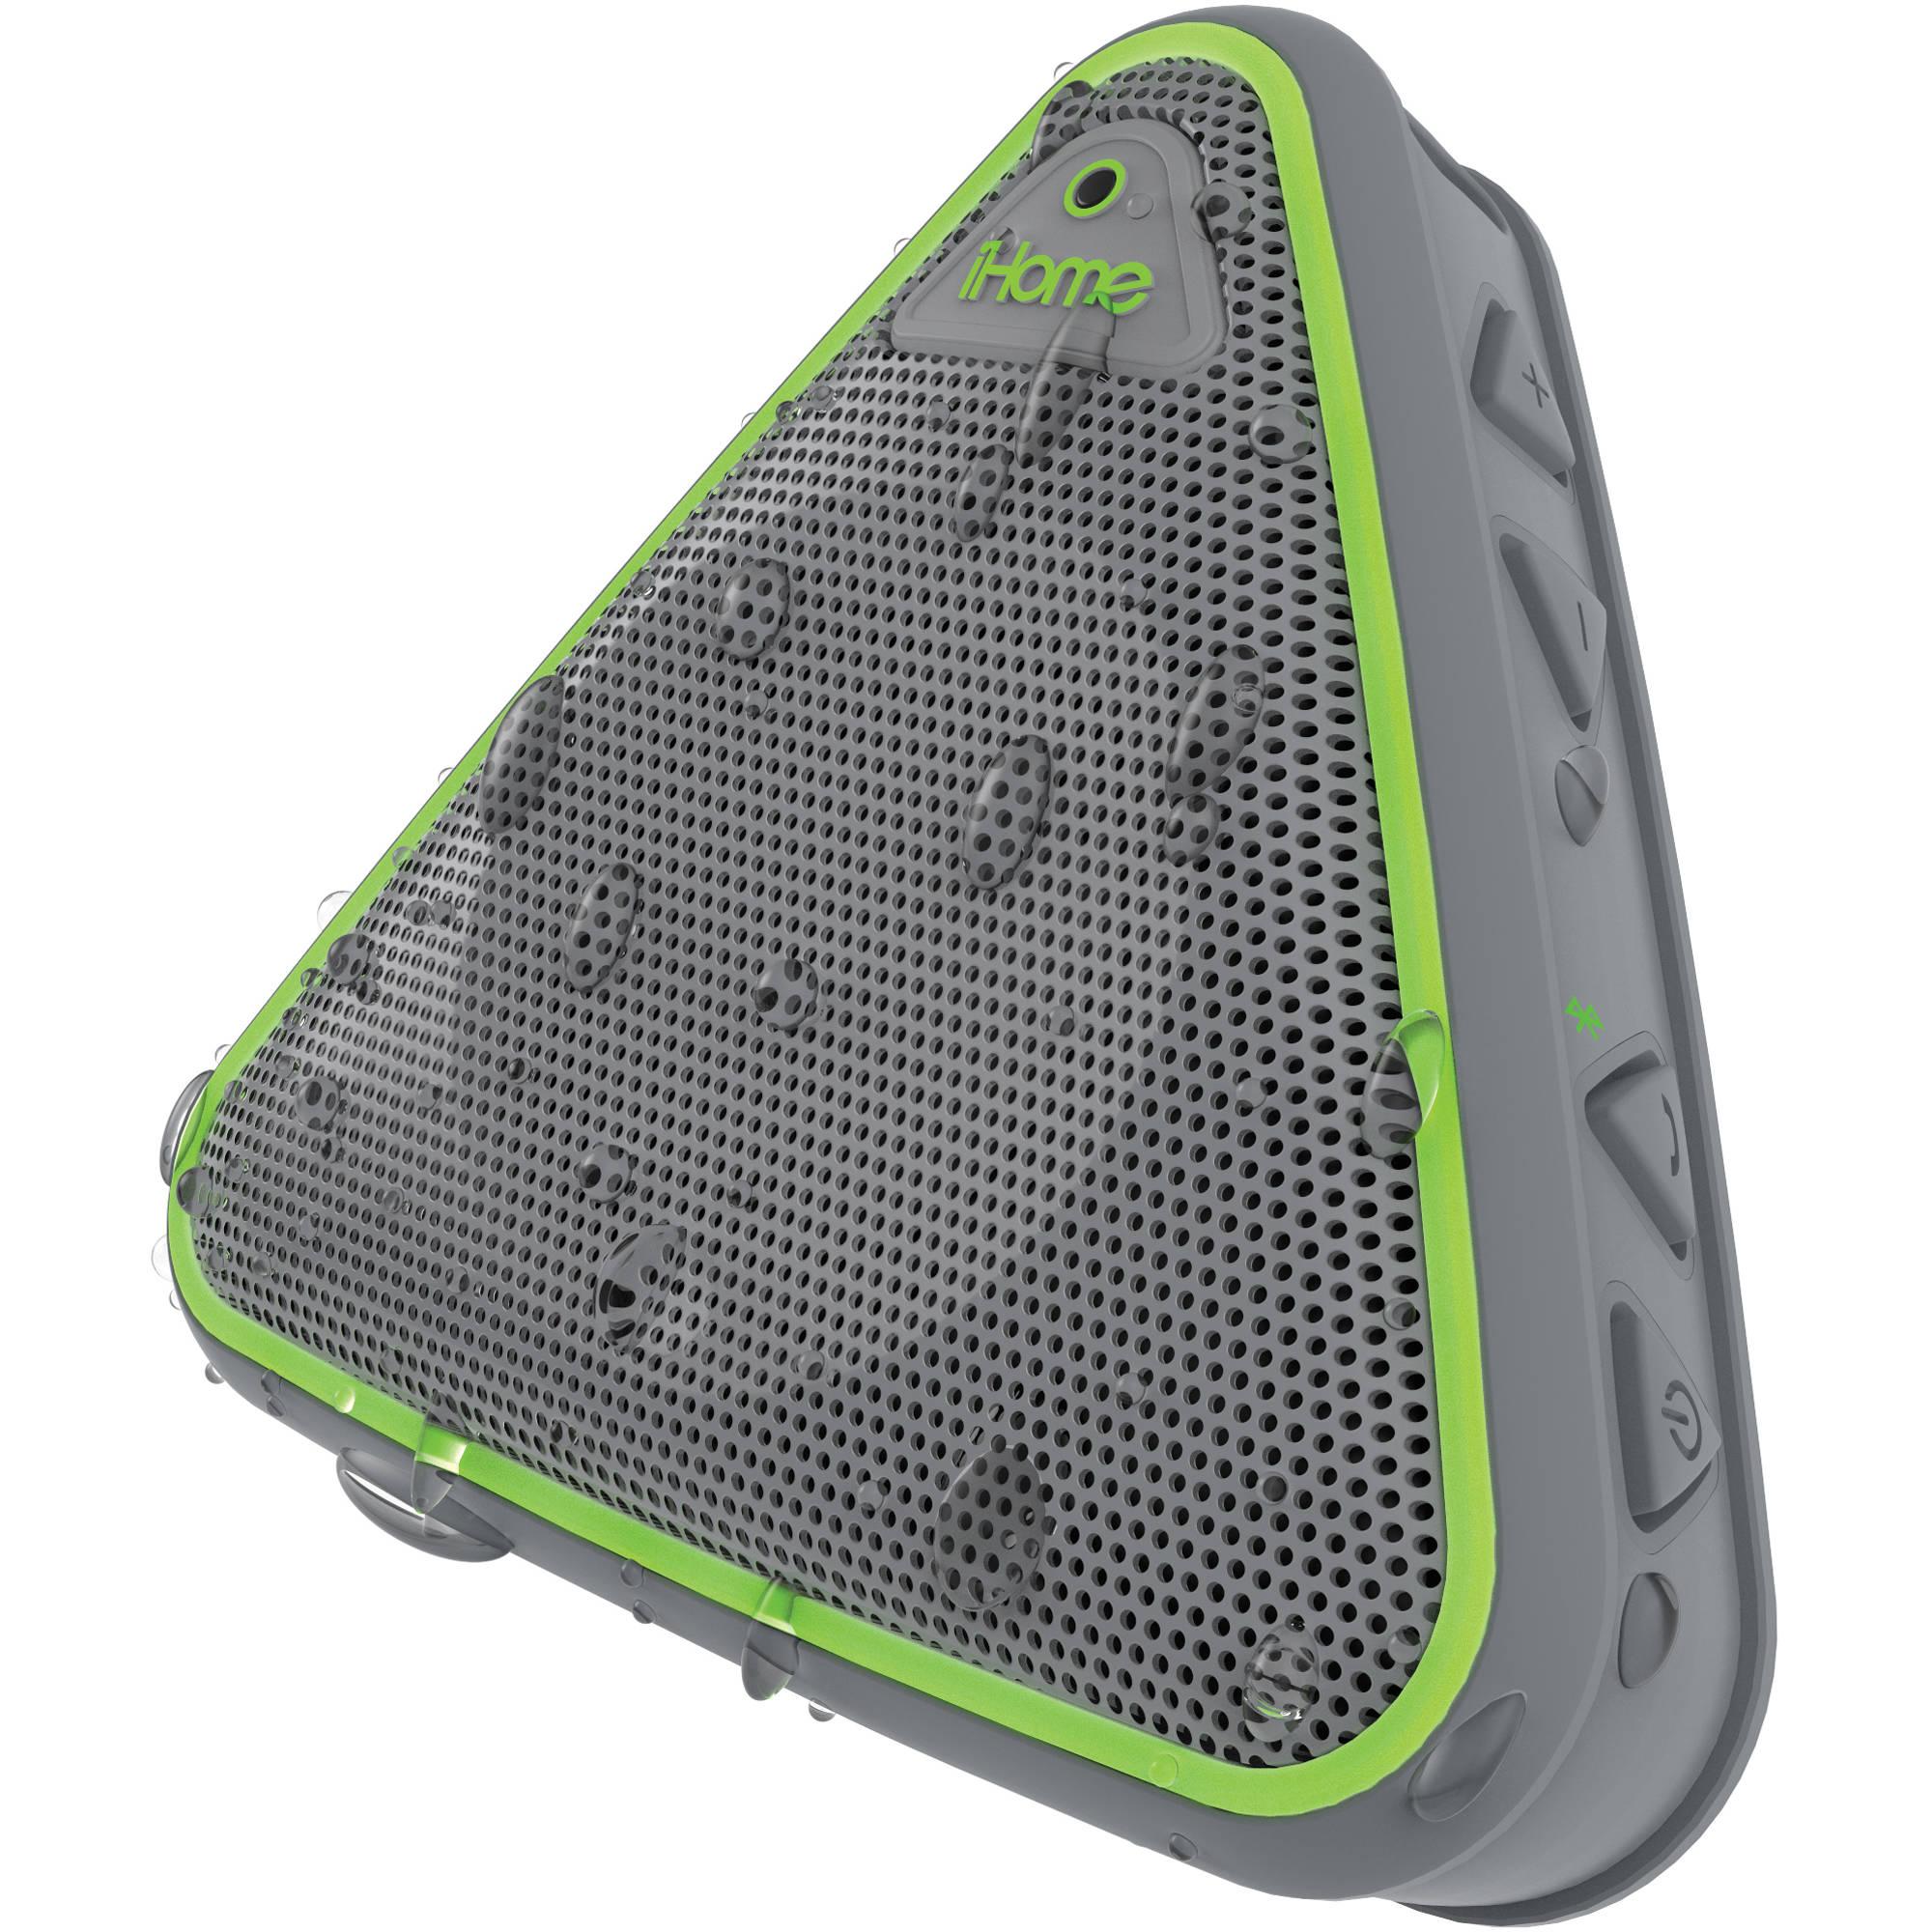 Ihome Ibt3 Splashproof Wireless Bluetooth Speaker Ibt3gqc Bh Circuit Schematics On Instrumental Cable Wiring Diagram With Speakerphone Gray Green